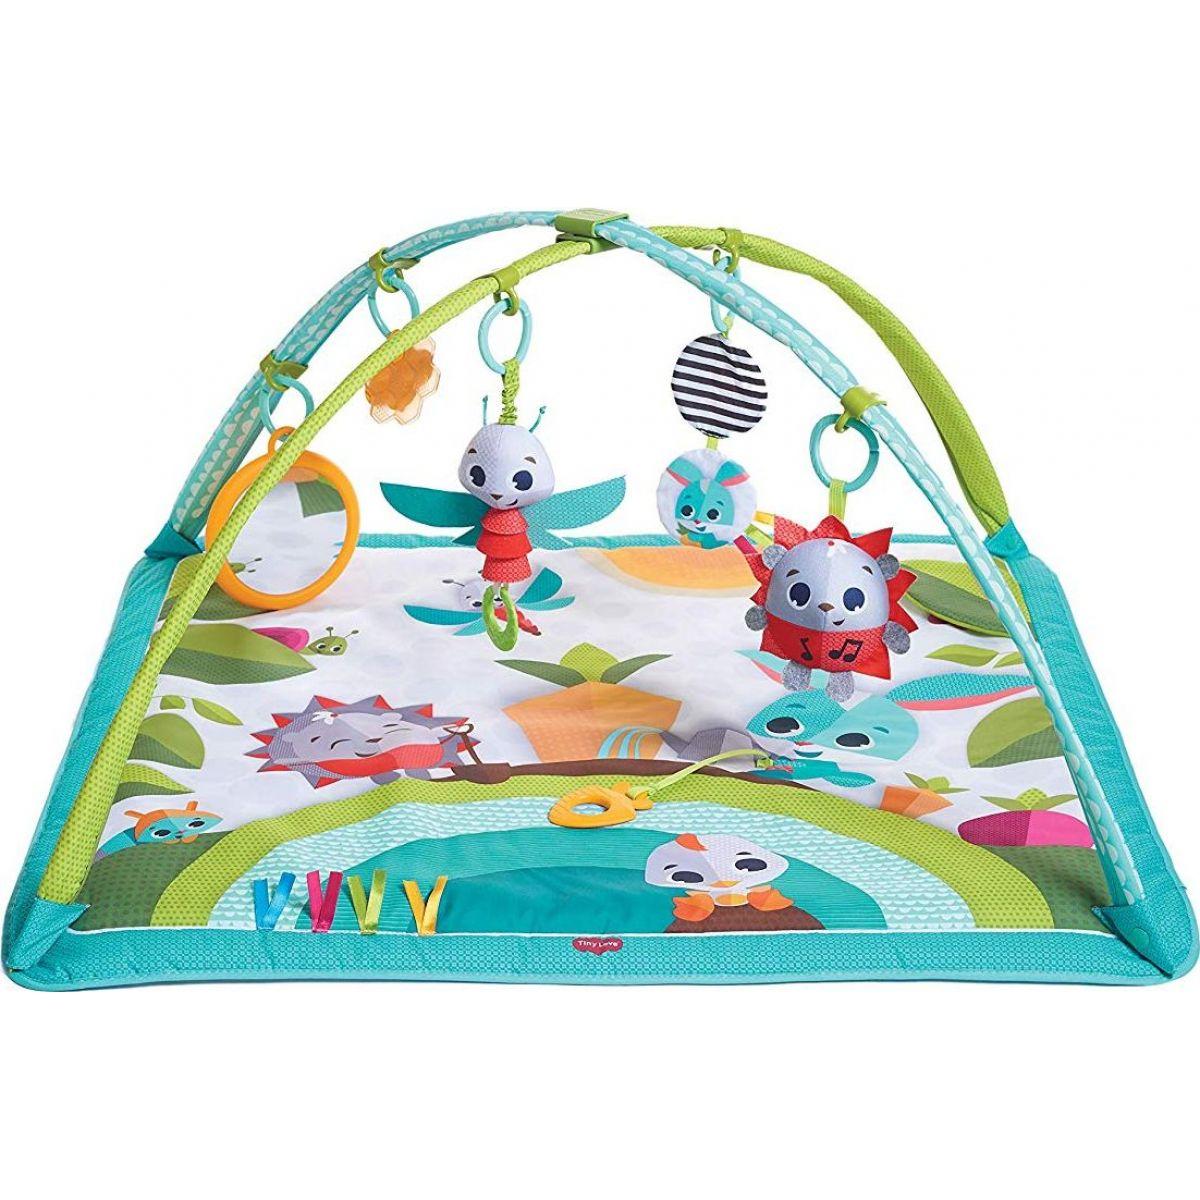 Tiny Love Hrací deka s hrazdou Meadow Days Sunny Day